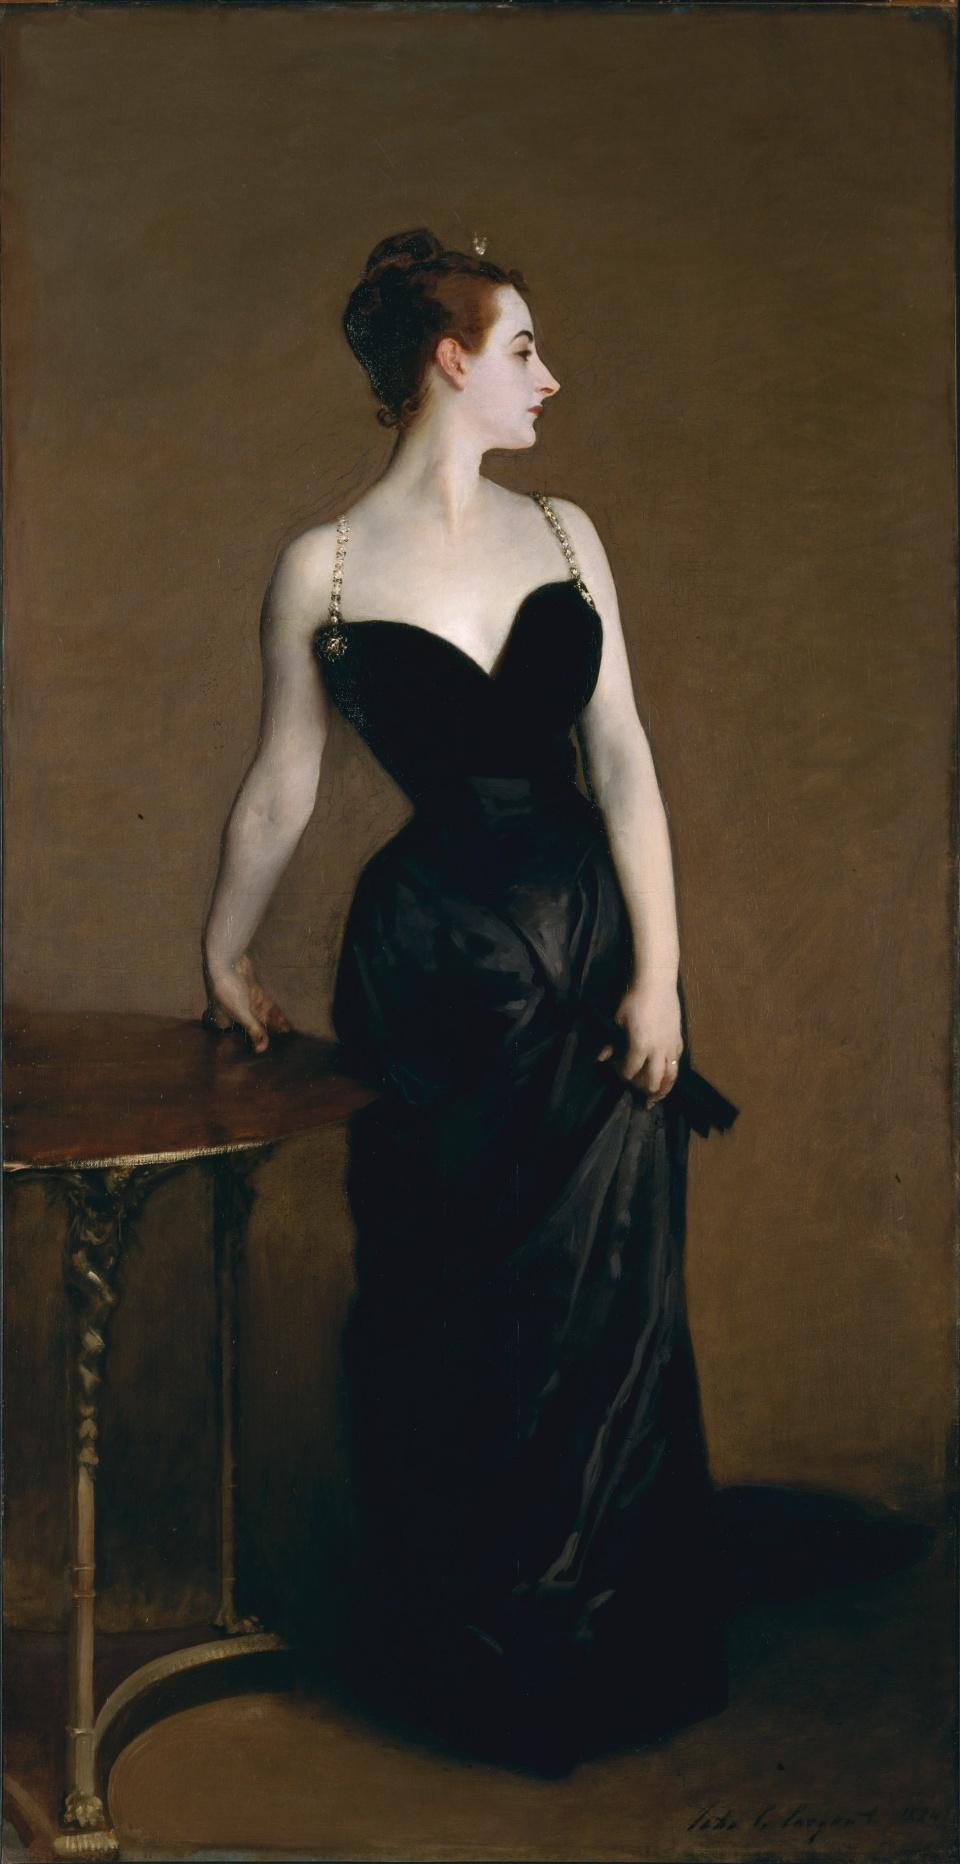 Madame_X_(Madame_Pierre_Gautreau),_John_Singer_Sargent,_1884_(unfree_frame_crop)